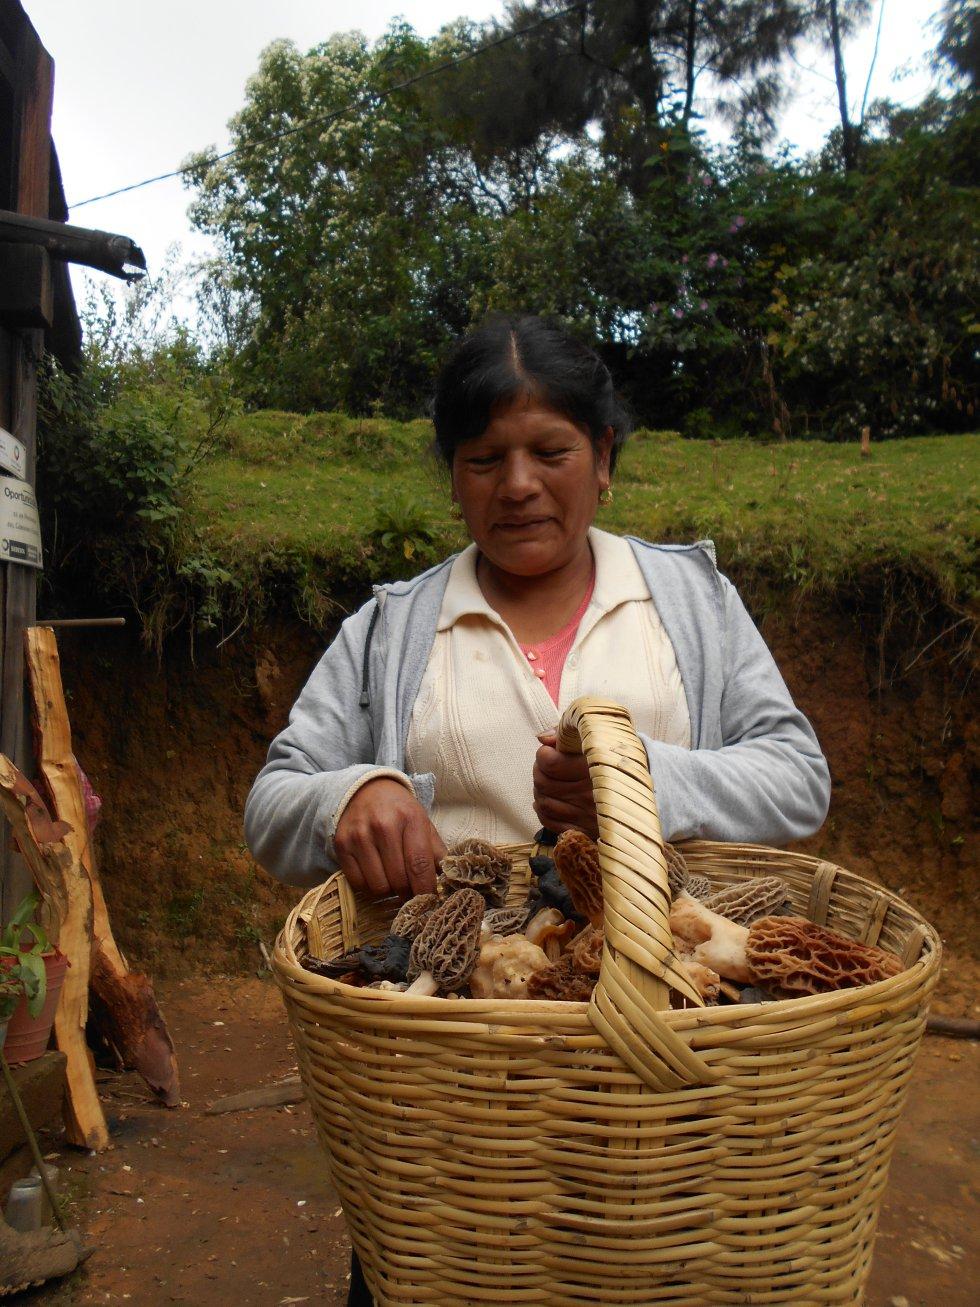 Esta foto muestra a Rosenda, una de las mujeres tlahuica pjiekakjoo. En su mano izquierda, nos muestra el hongo de olotito o mazorquita (Morchellasp), una especie muy apreciada dentro del pueblo pjiekakjoo por su exquisito sabor. En la comunidad existe una parte de la amplia diversidad de hongos comestibles silvestres que aún se conoce, consume y comercializa. Nuestra comunidad es una de las comunidades más micófagas de México y el mundo, al consumir más de 160 especies de hongos comestibles. La mayoría de las mujeres de la comunidad aprendieron desde niñas a reconocer y recolectar los hongos comestibles silvestres, las veredas, los parajes, los tipos de bosques en los que fructifican, y el patrón fenológico gracias a la enseñanza de su madre. Según la FAO, existen cerca de 185 millones de mujeres indígenas en el mundo, quienes a través de actividades sociales y productivas contribuyen en gran medida al desarrollo sostenible de sus comunidades. Sin embargo, esta contribución no siempre es reconocida. Esta imagen recibió mención de honor.